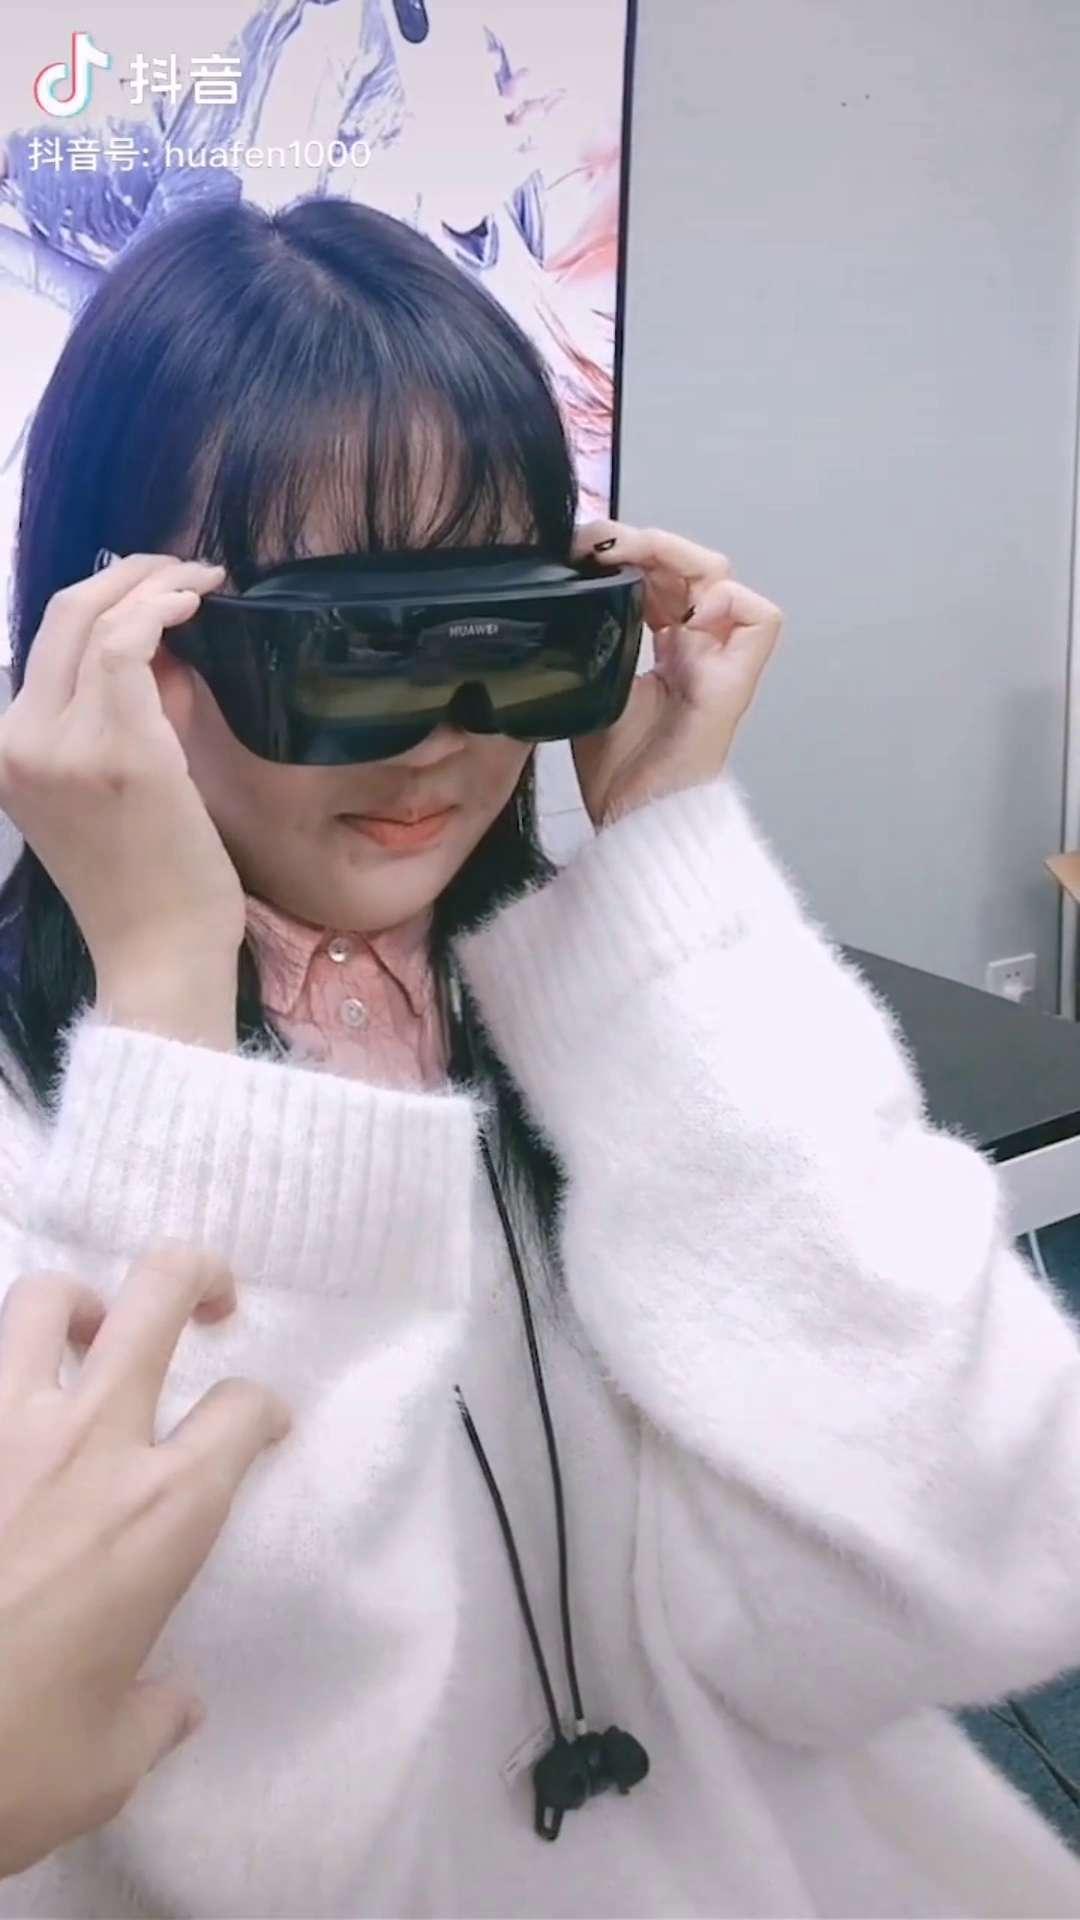 来看看小姐姐怎么安利华为VR~,穿戴健康-花粉俱乐部